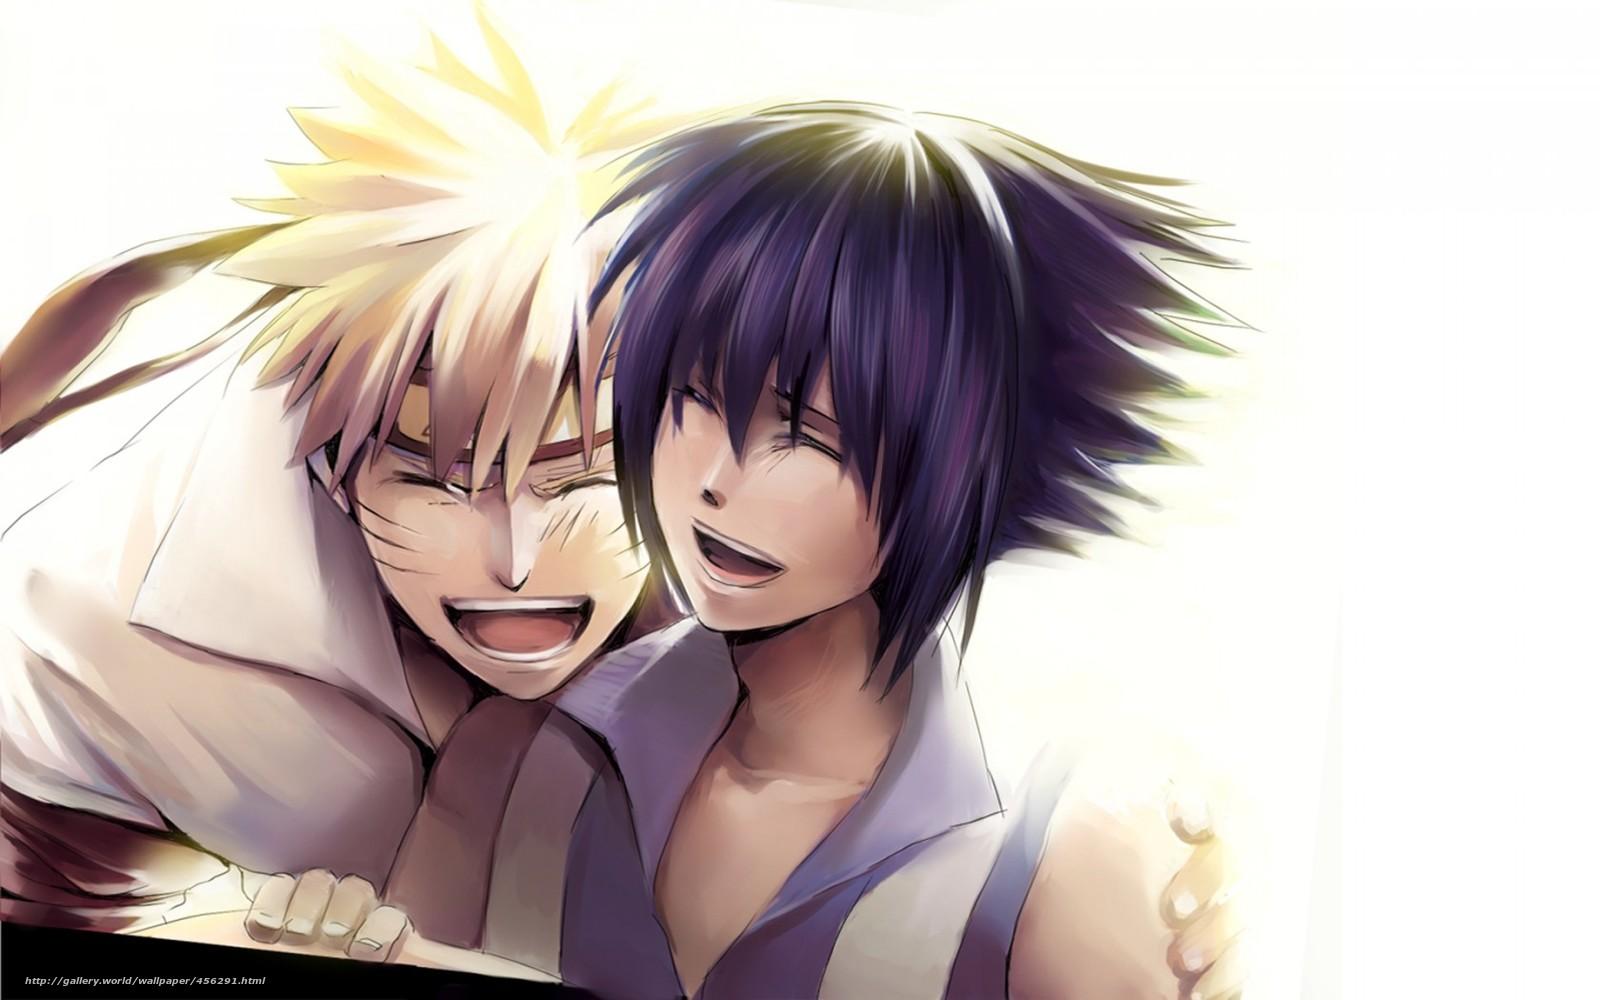 Download Wallpaper Anime, Naruto, Uzumaki Naruto, Uchiha - Descargar Imagenes De Naruto Y Sus Novias - HD Wallpaper